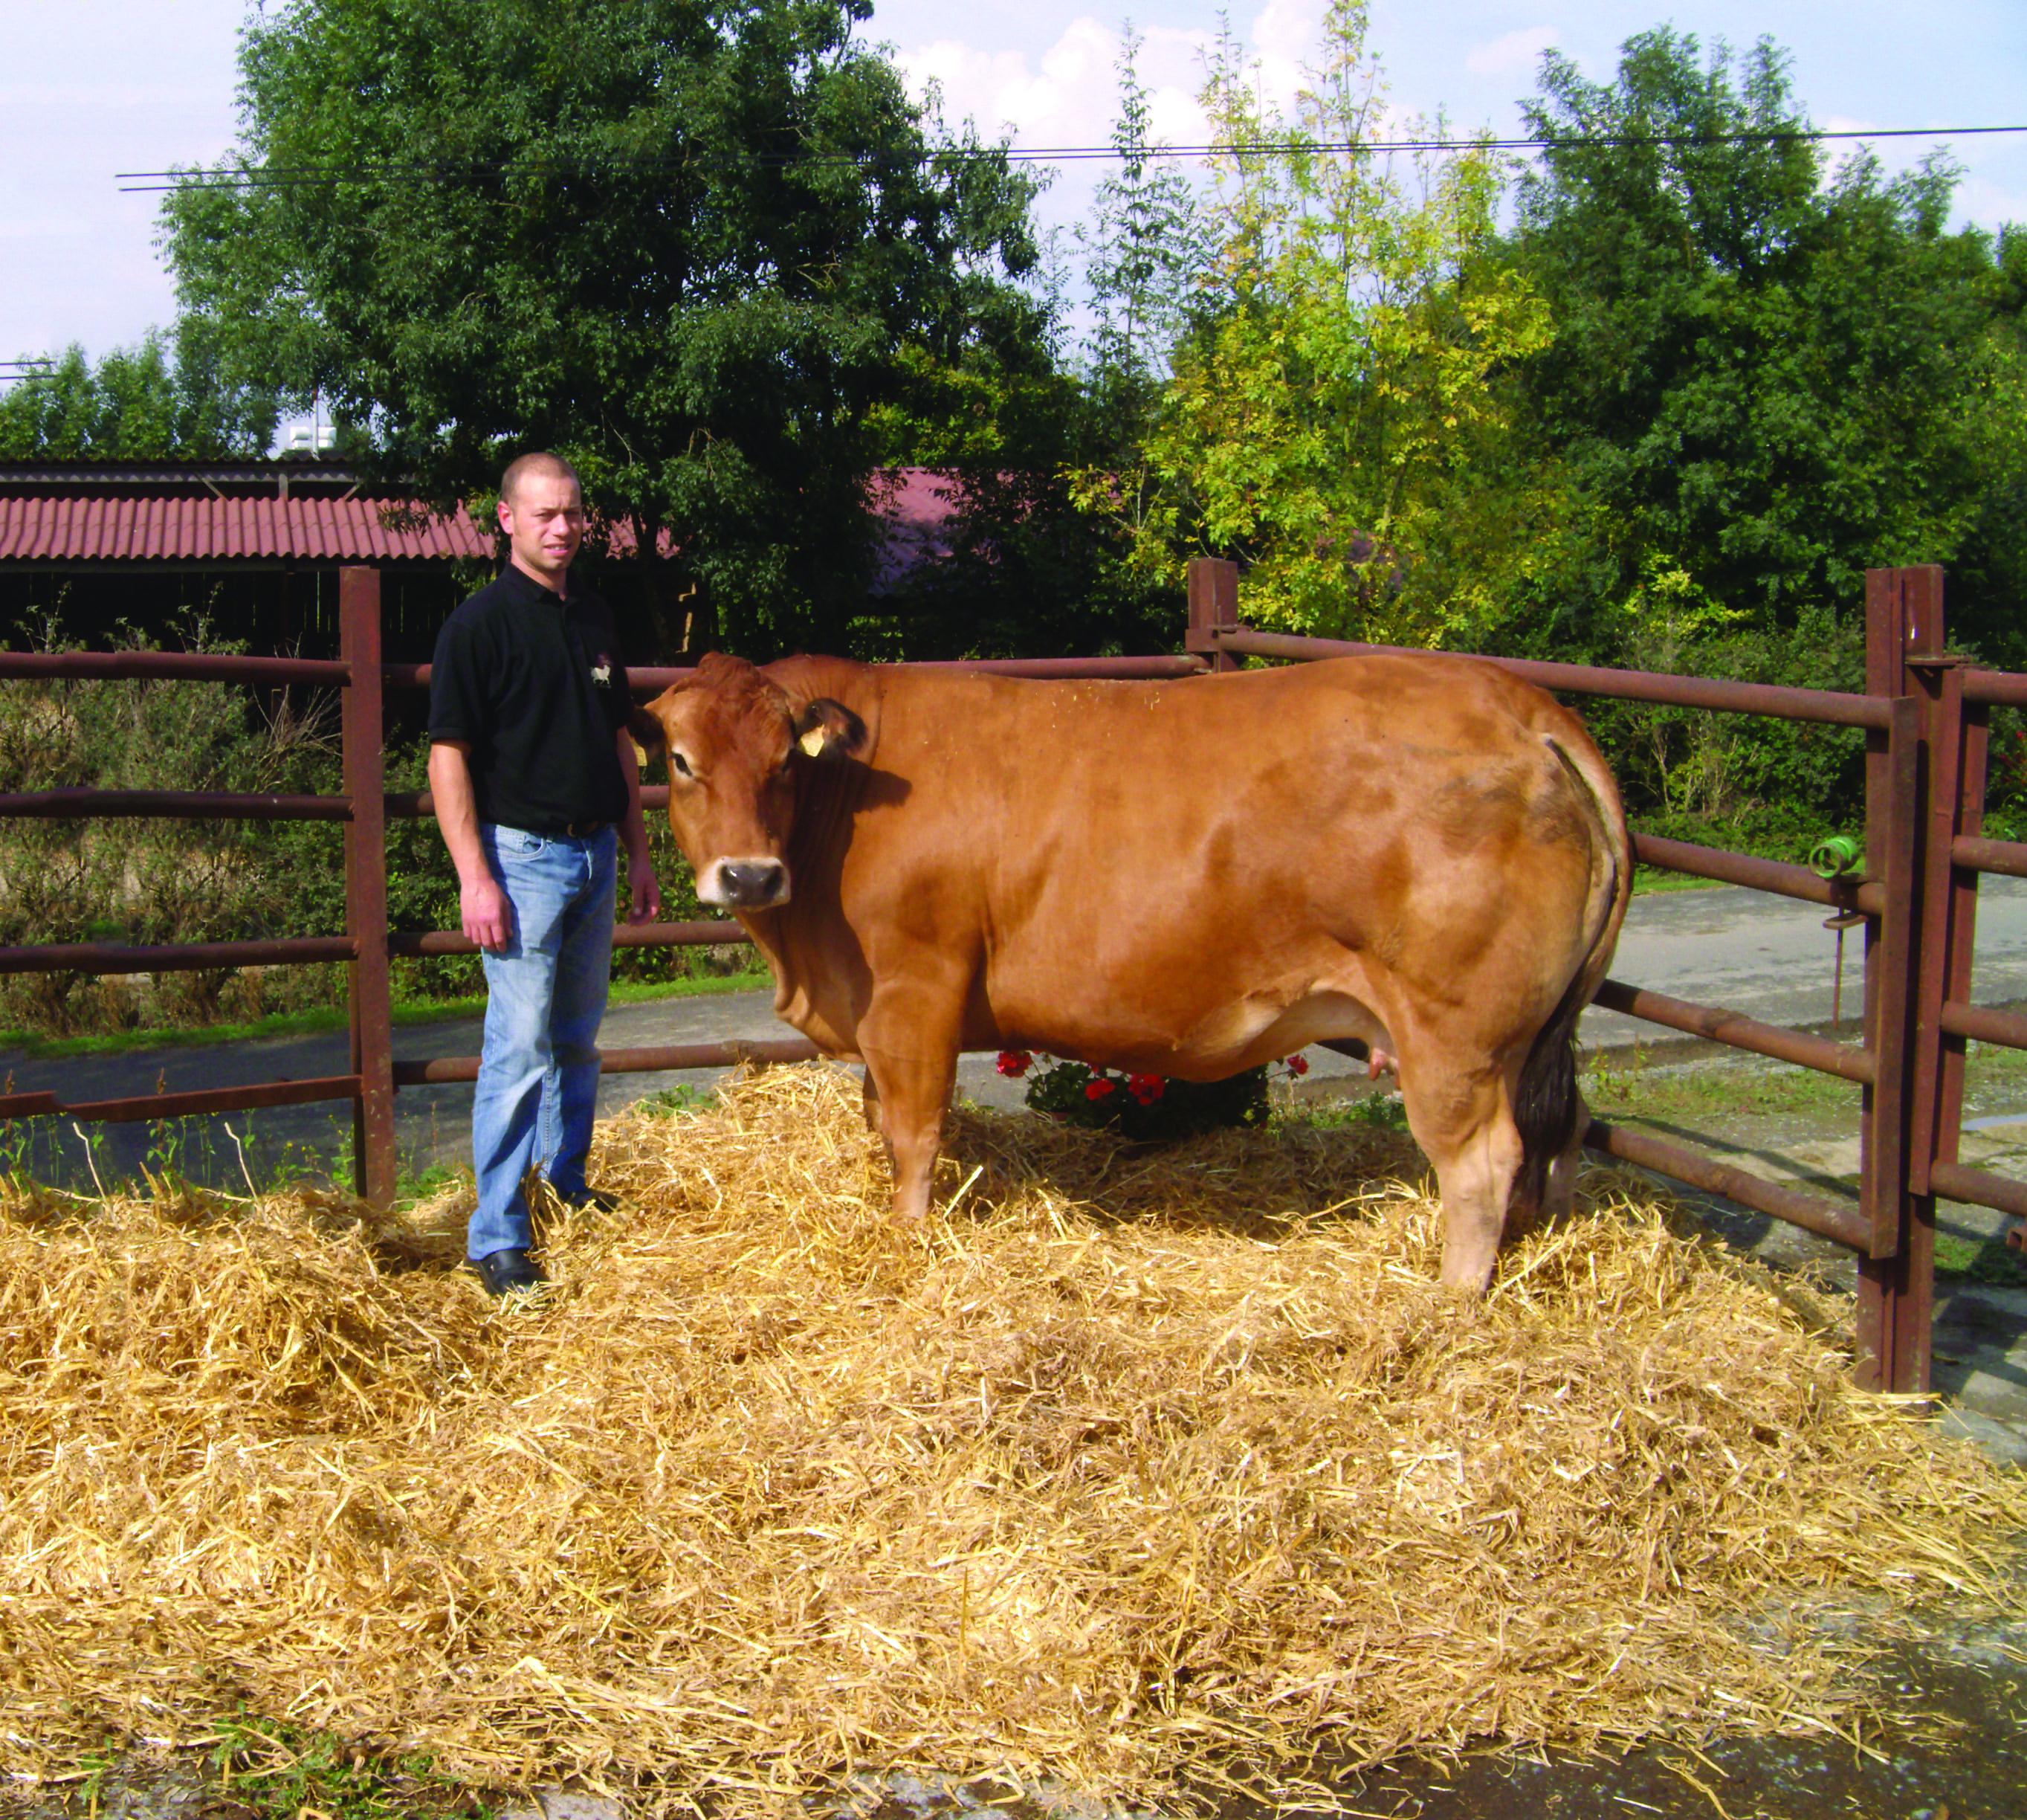 Un éleveur près d'une vache